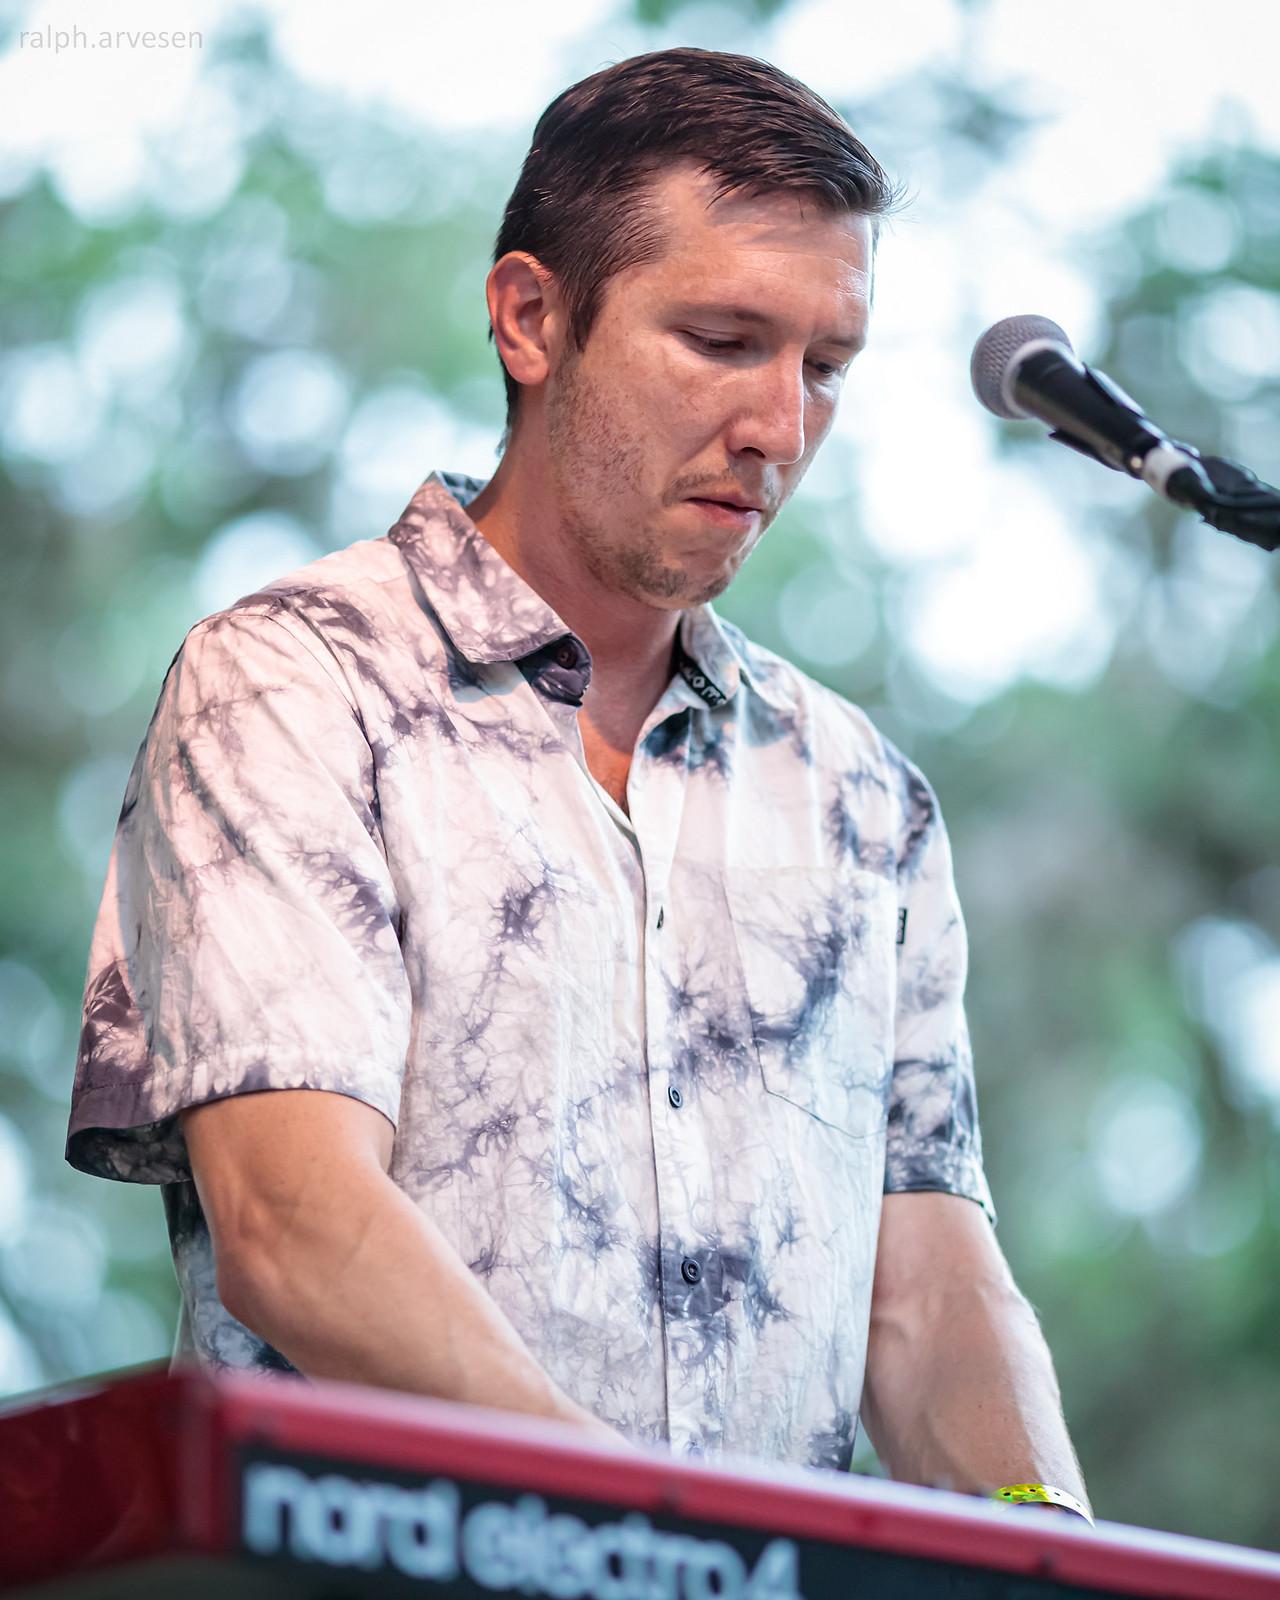 Mason Creager   Texas Review   Ralph Arvesen